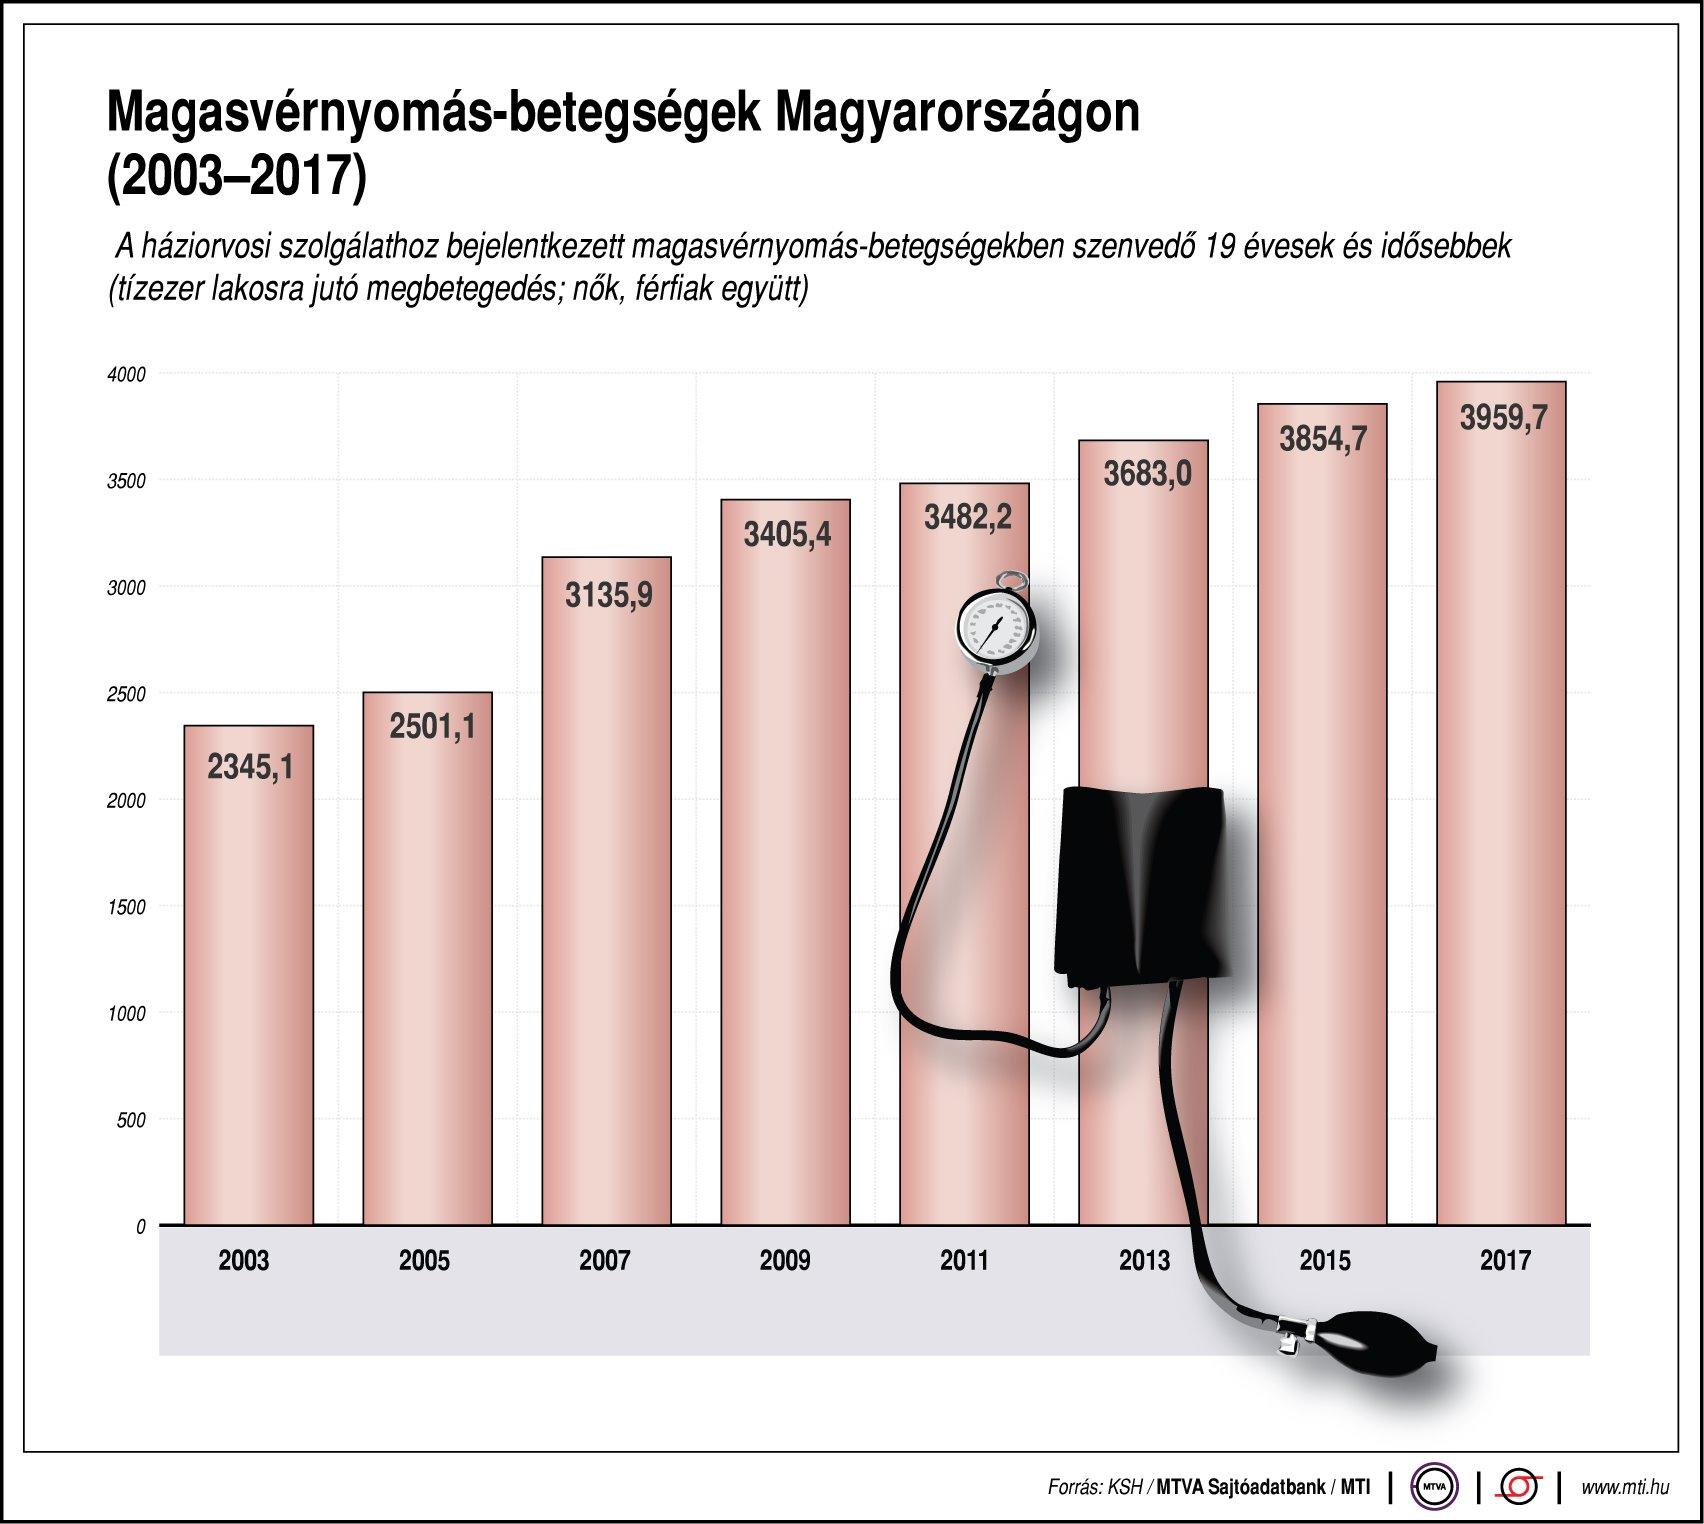 hogyan befolyásolja a magas vérnyomás az ereket